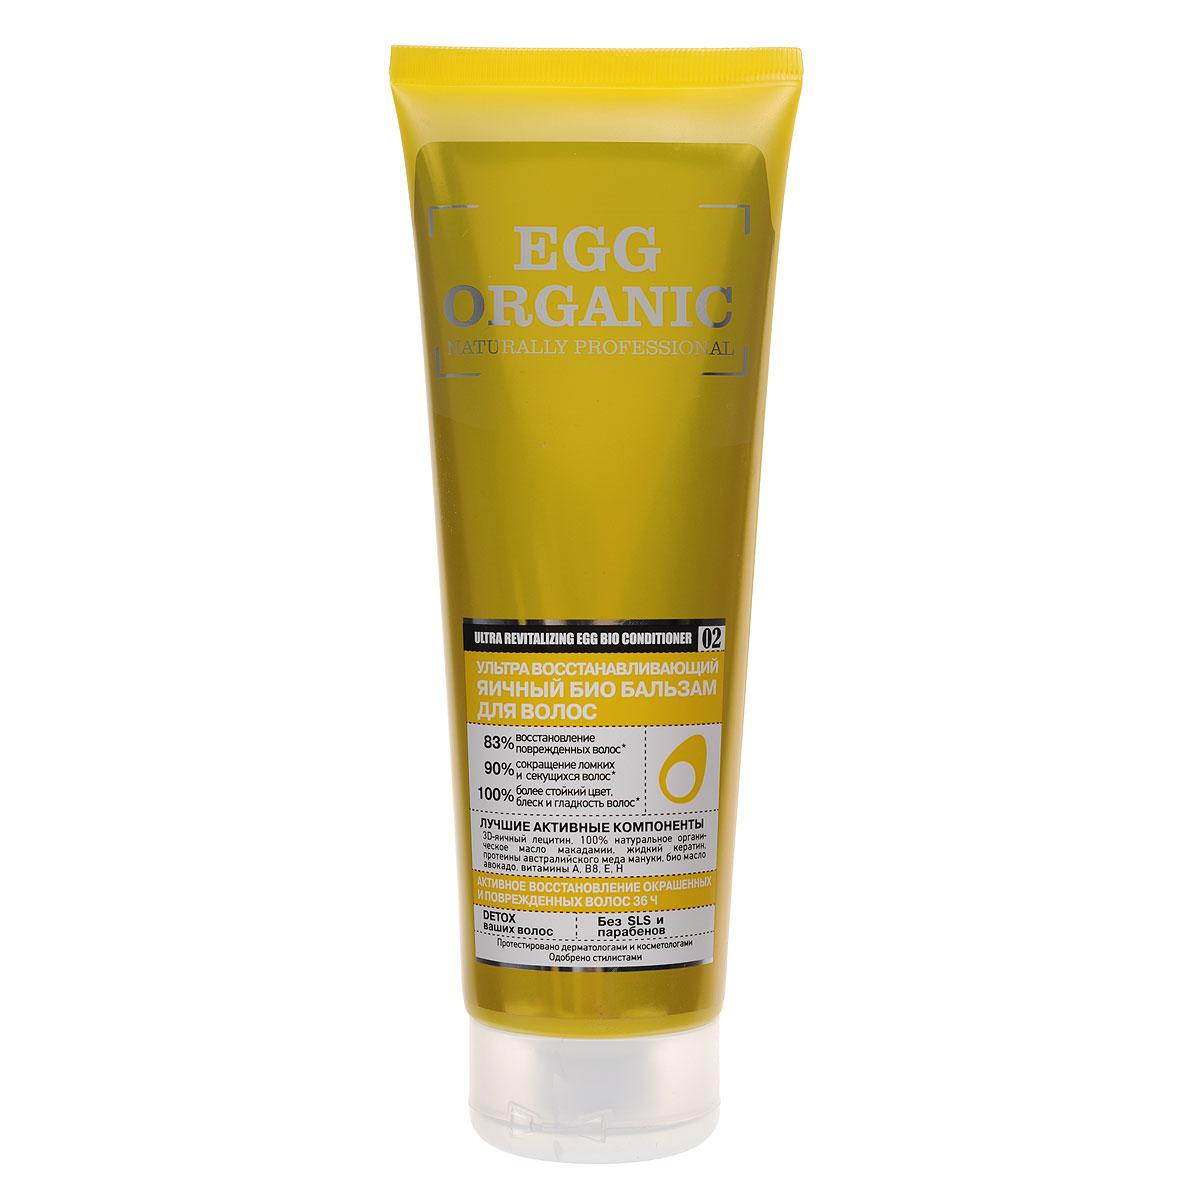 Оrganic Shop Naturally Professional Био-бальзам для волос Ультра восстанавливающий, яичный, 250 мл0861-1-39393D-яичный лецитин эффективно залечивает структурные повреждения, восстанавливая волосы изнутри. Протеины австралийского меда мануки глубоко питают и насыщают волосы полезными микроэлементами. 100% натуральное органическое масло макадамии интенсивно увлажняет волосы и облегчает их расчесывание. Био масло авокадо обеспечивает стойкость цвета для окрашенных волос, дарит блеск и гладкость. Жидкий кератин обеспечивает надежную защиту от термо и УФ воздействий, предотвращает ломкость и сечение волос. Товар сертифицирован.